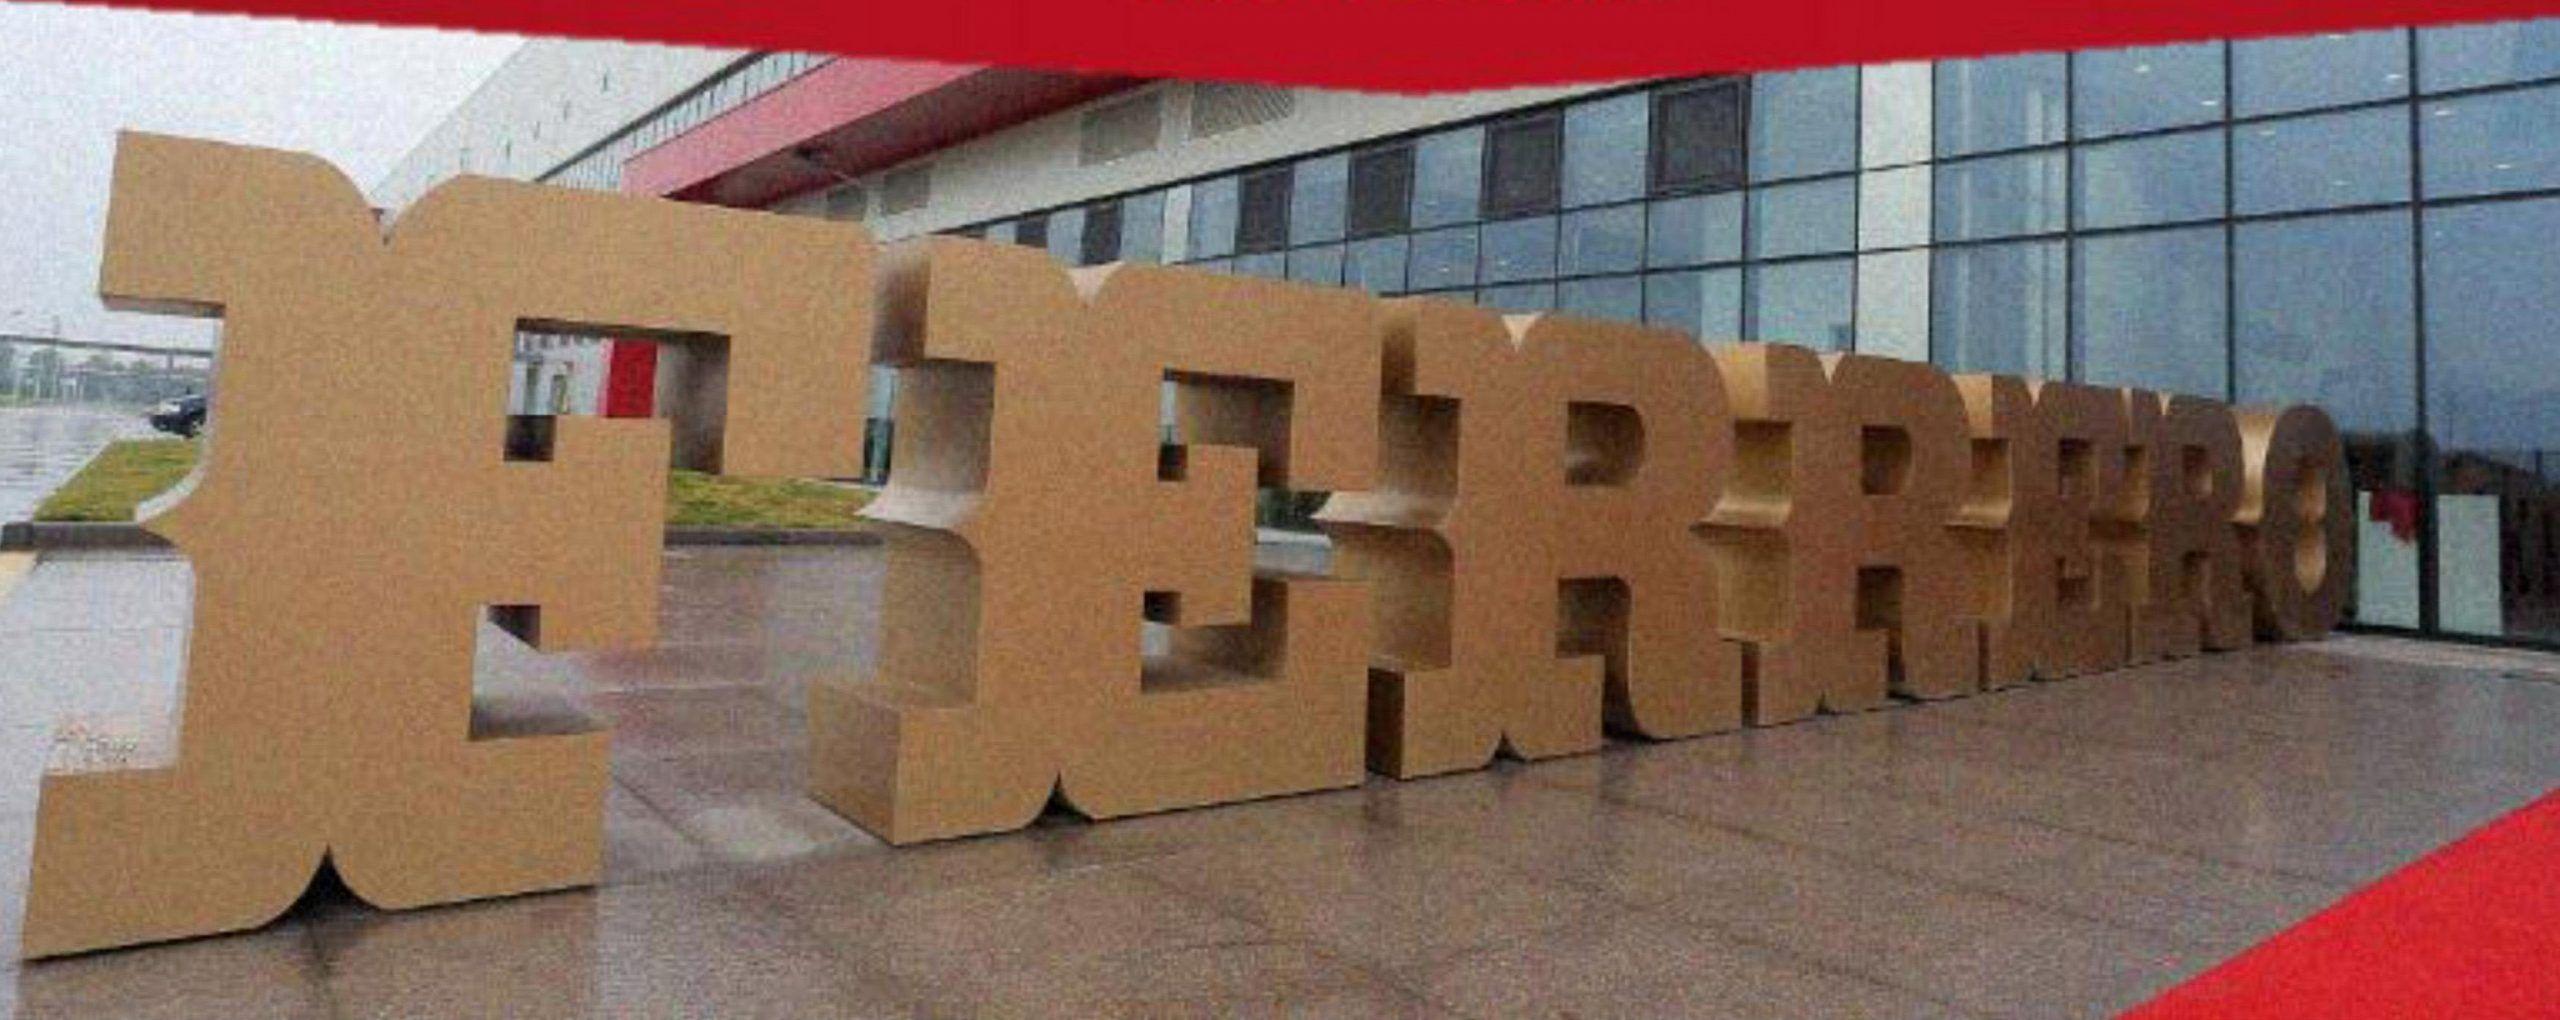 Ferrero-premio-legato-agli-obiettivi-di-oltre-2mila-euro-per-6000-dipendenti